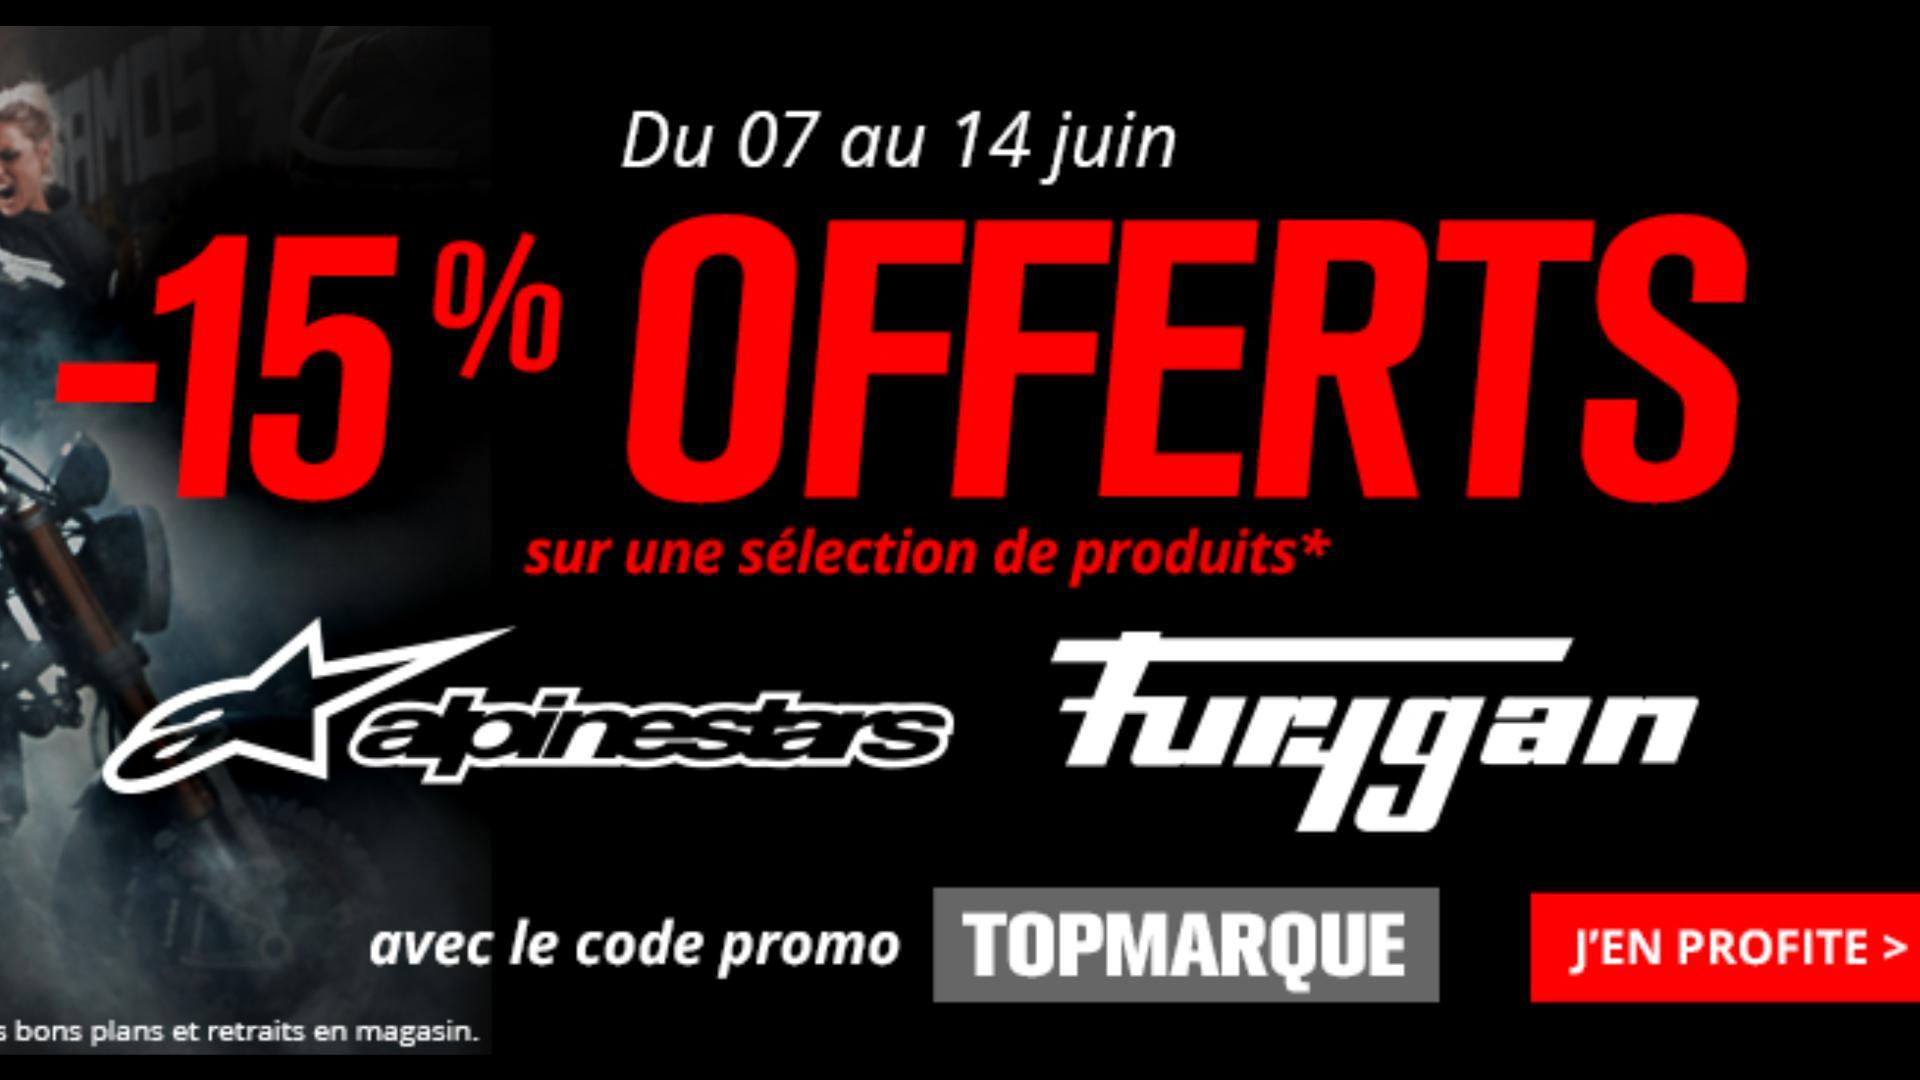 15% de remise sur les marques Alpinestars et Furygan